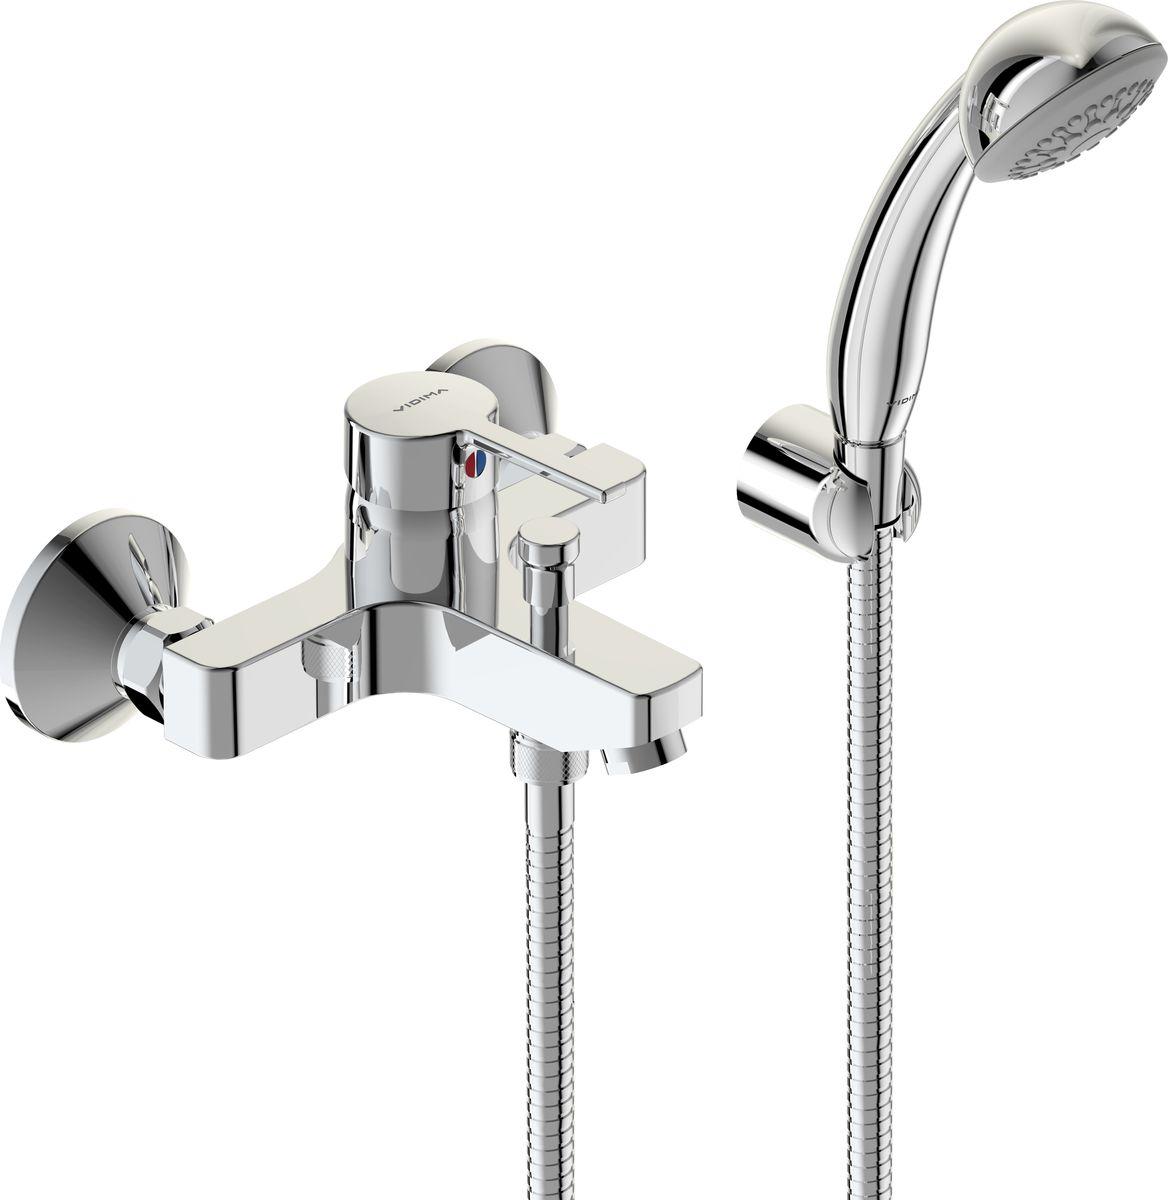 Смеситель для ванны и душа Vidima Логик, настенный, литой излив 152-157 мм, лейка 70 мм, цвет: хром68/5/1Логик смеситель для ванны/душа, настенный, литой излив 152-157мм, лейка 70мм, держате BA279AA